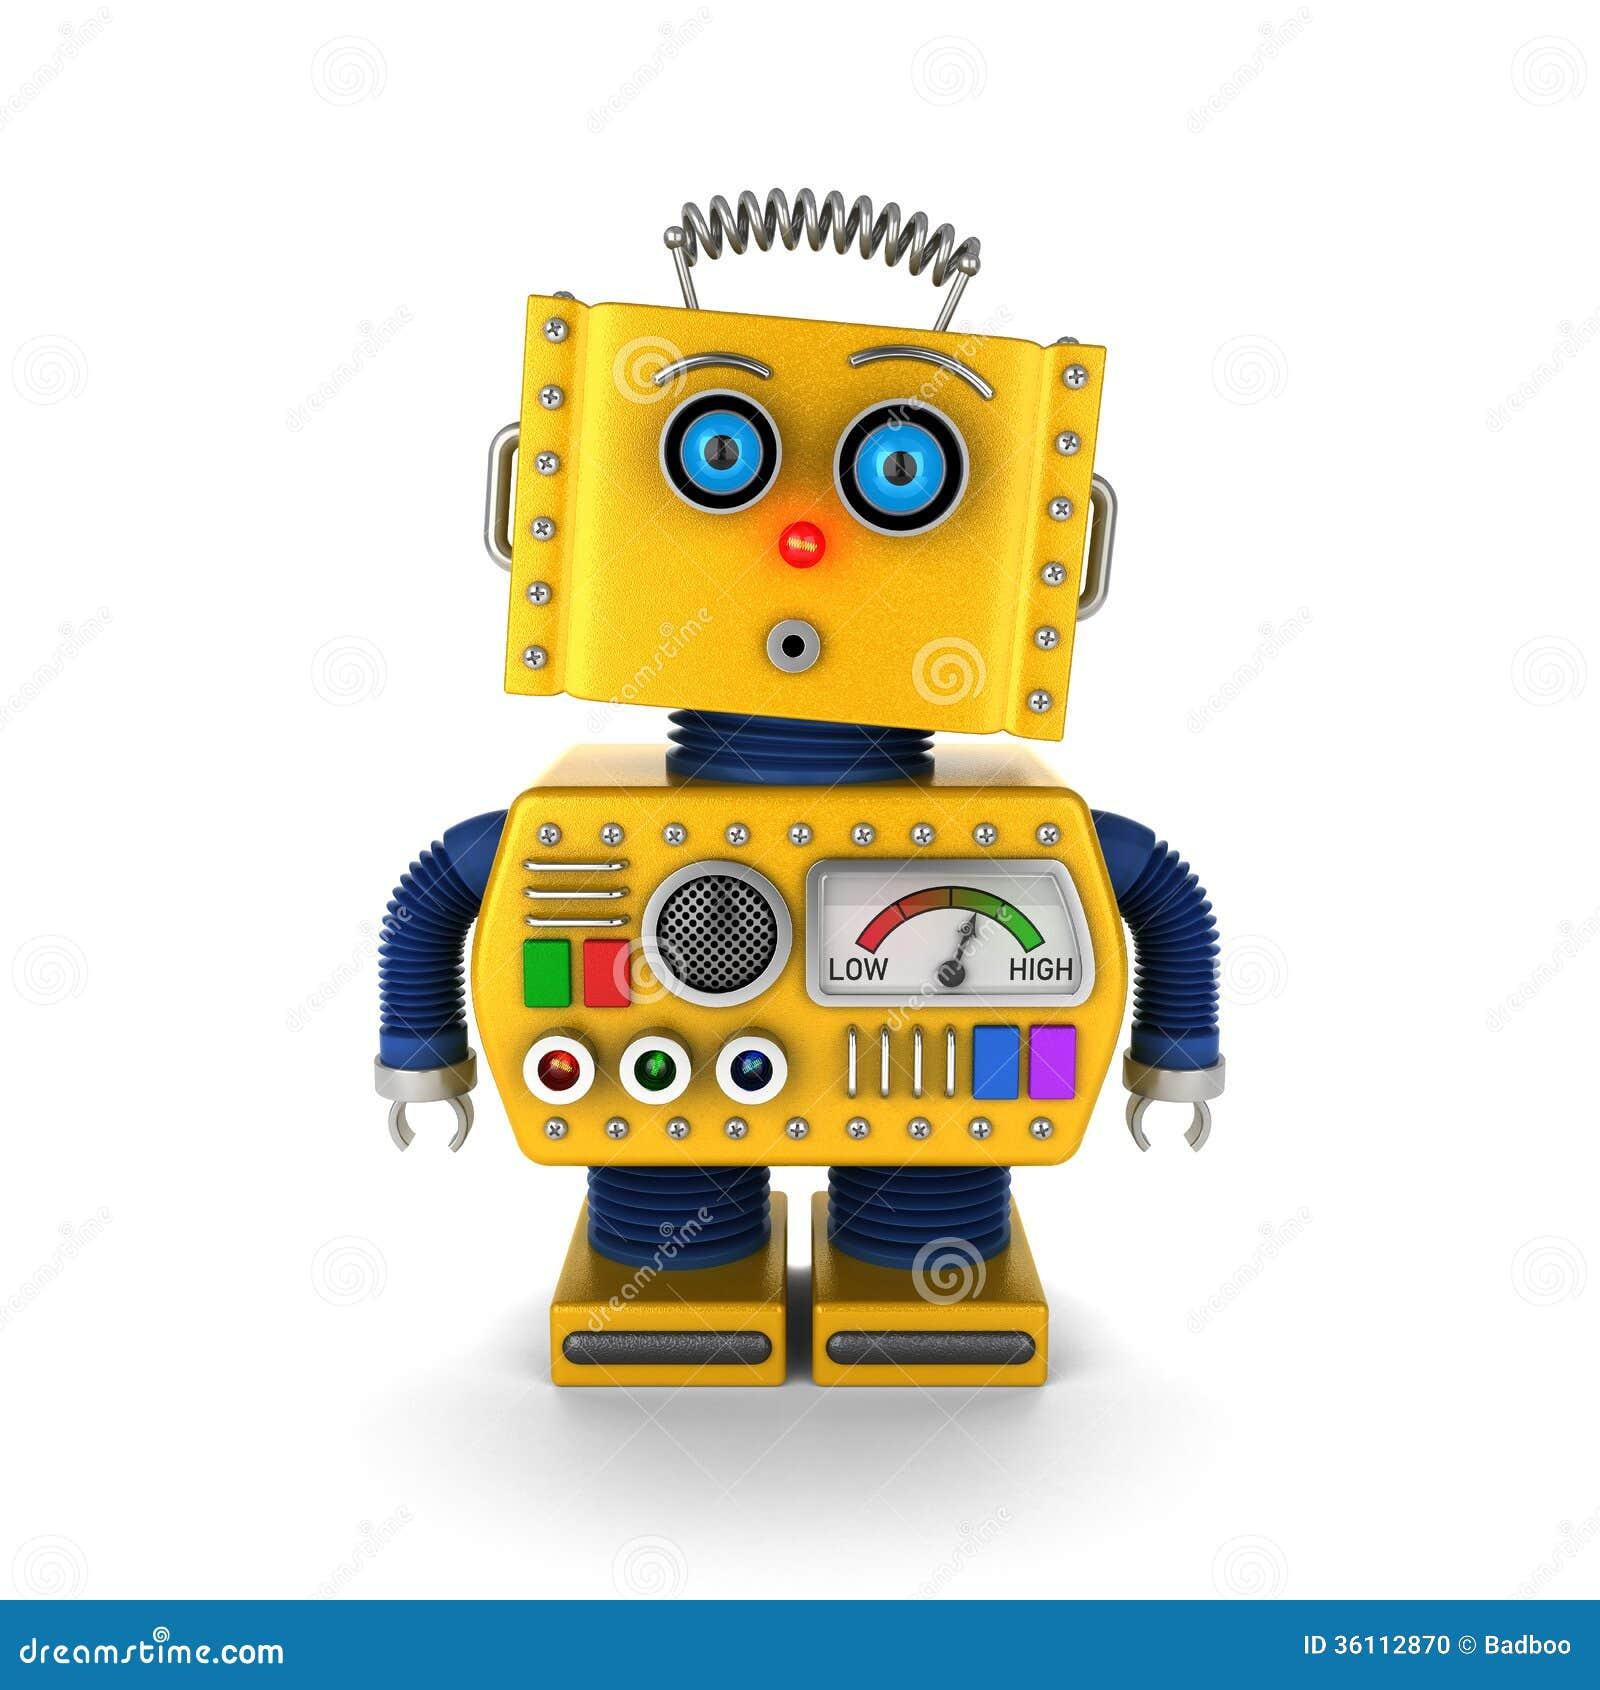 Robot Vintage - Juegos y Juguetes en Mercado Libre